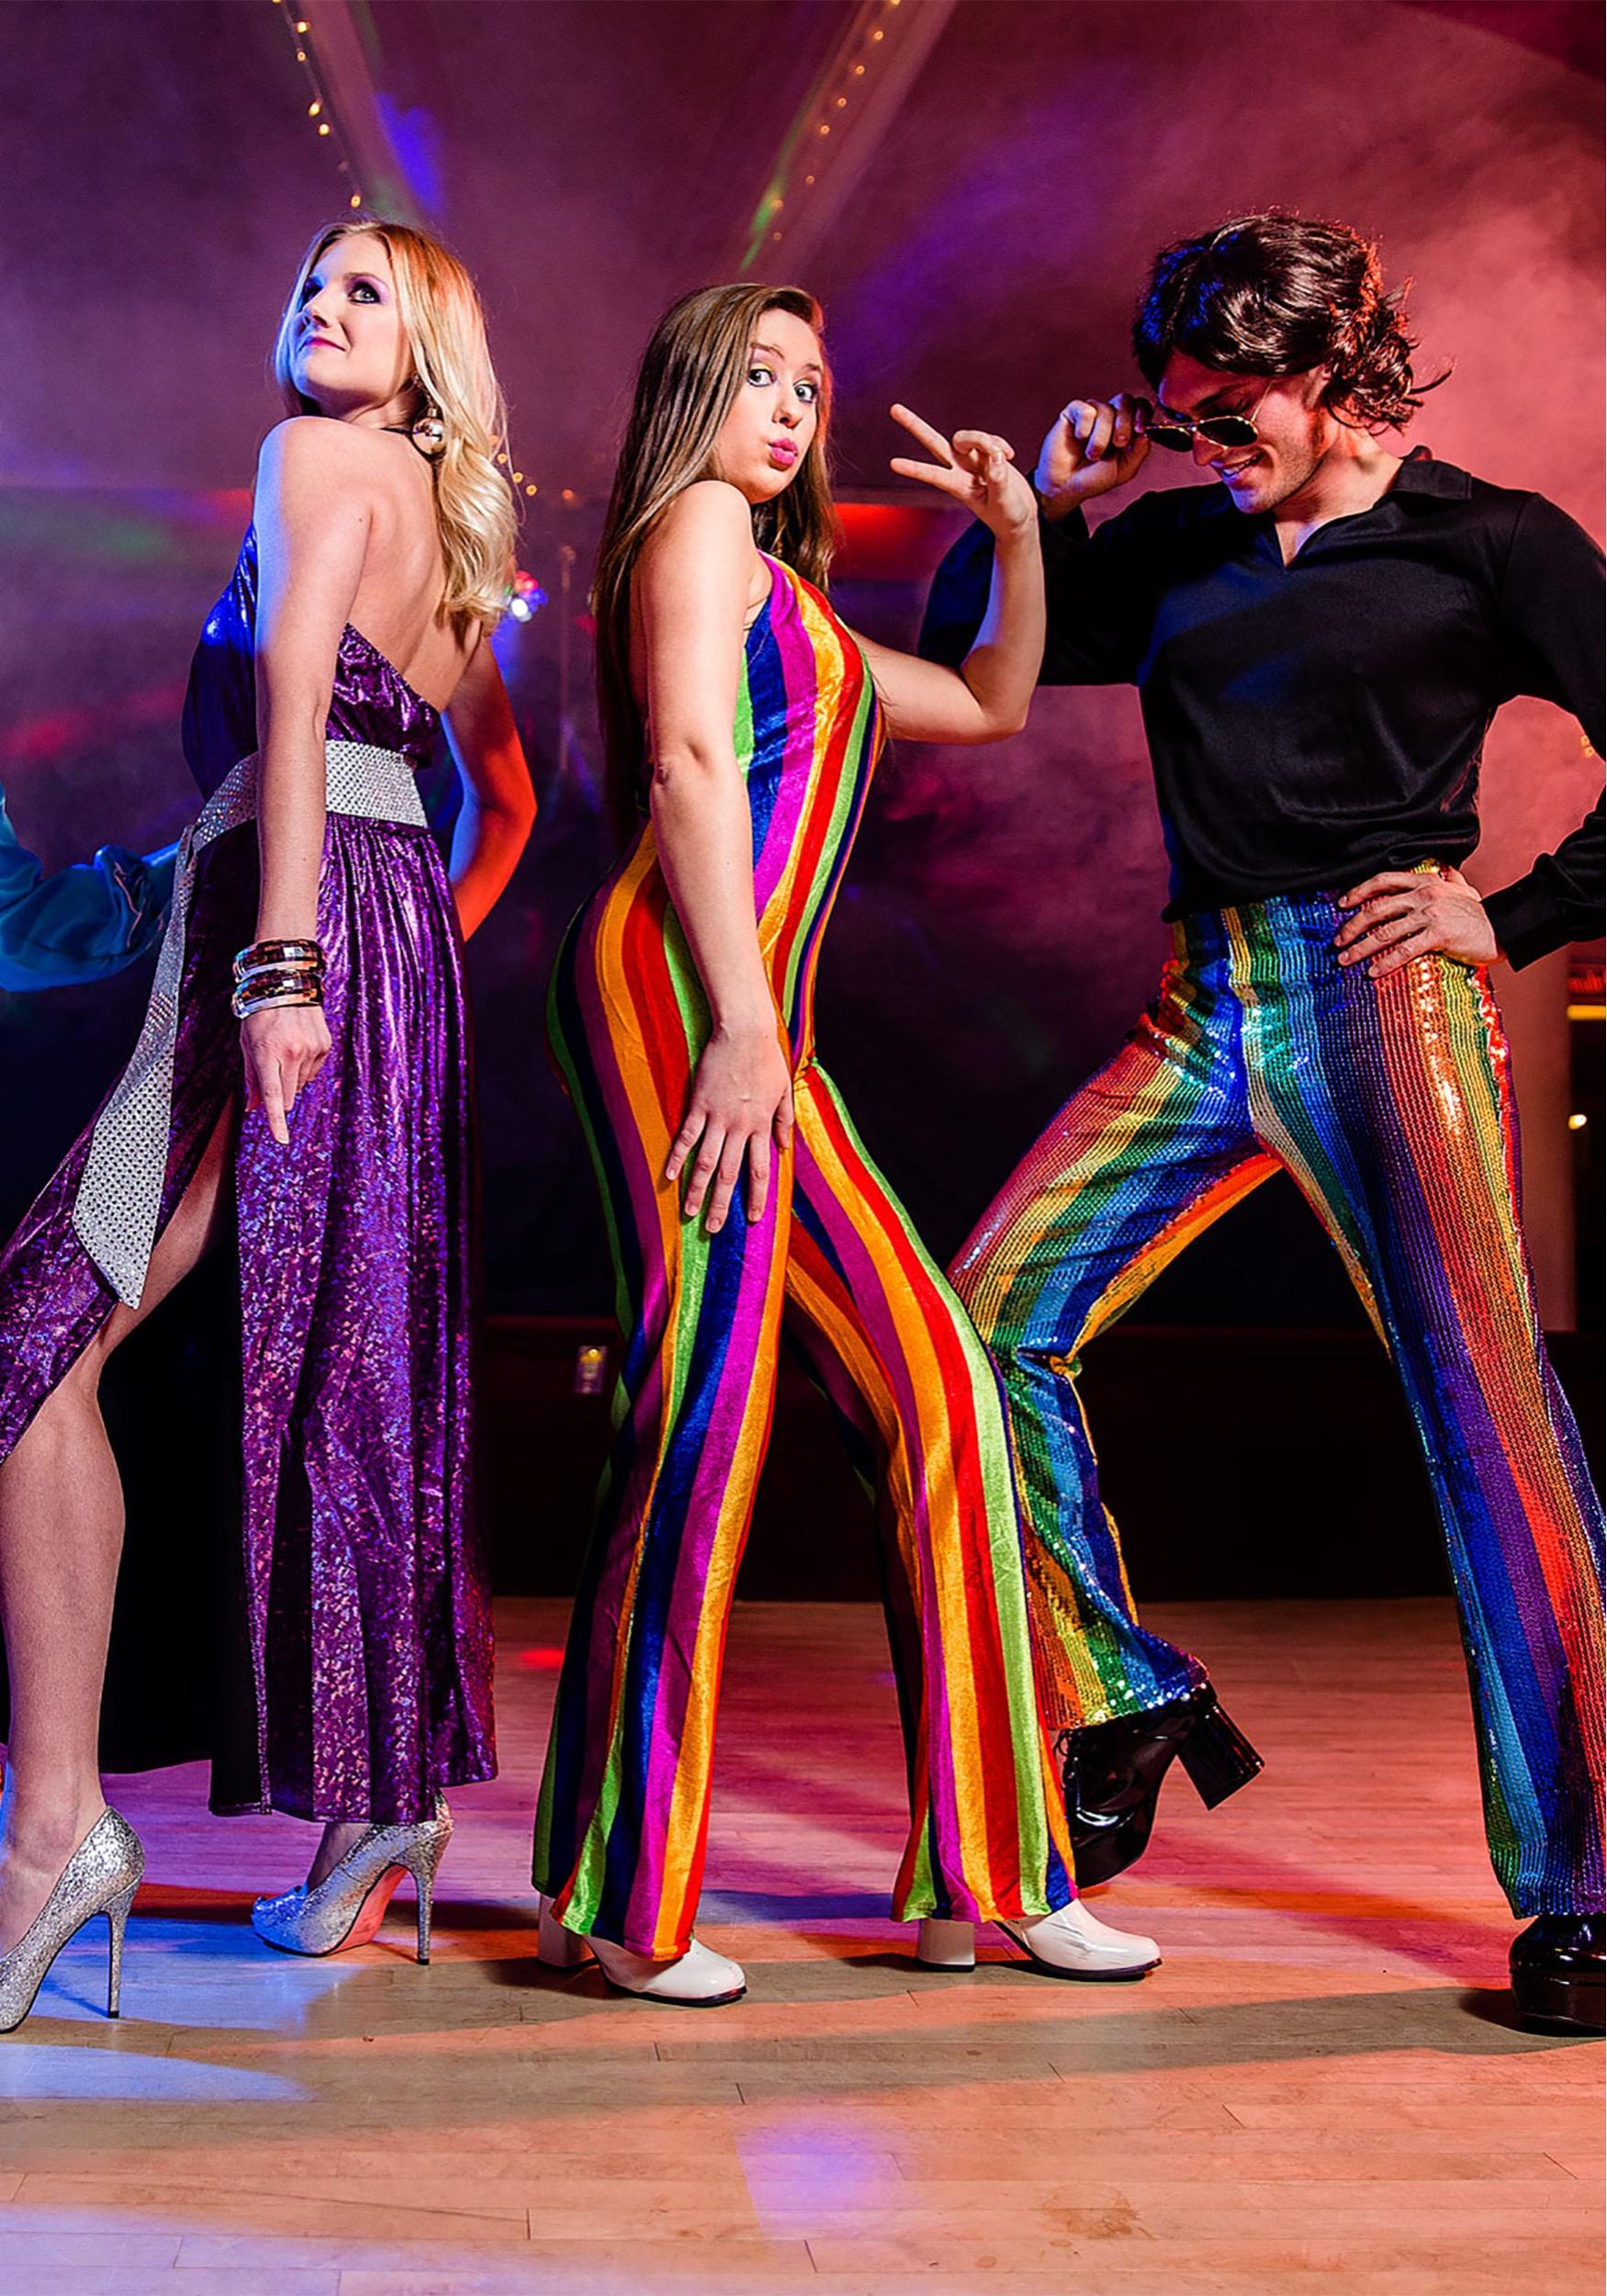 Танцы диско картинка